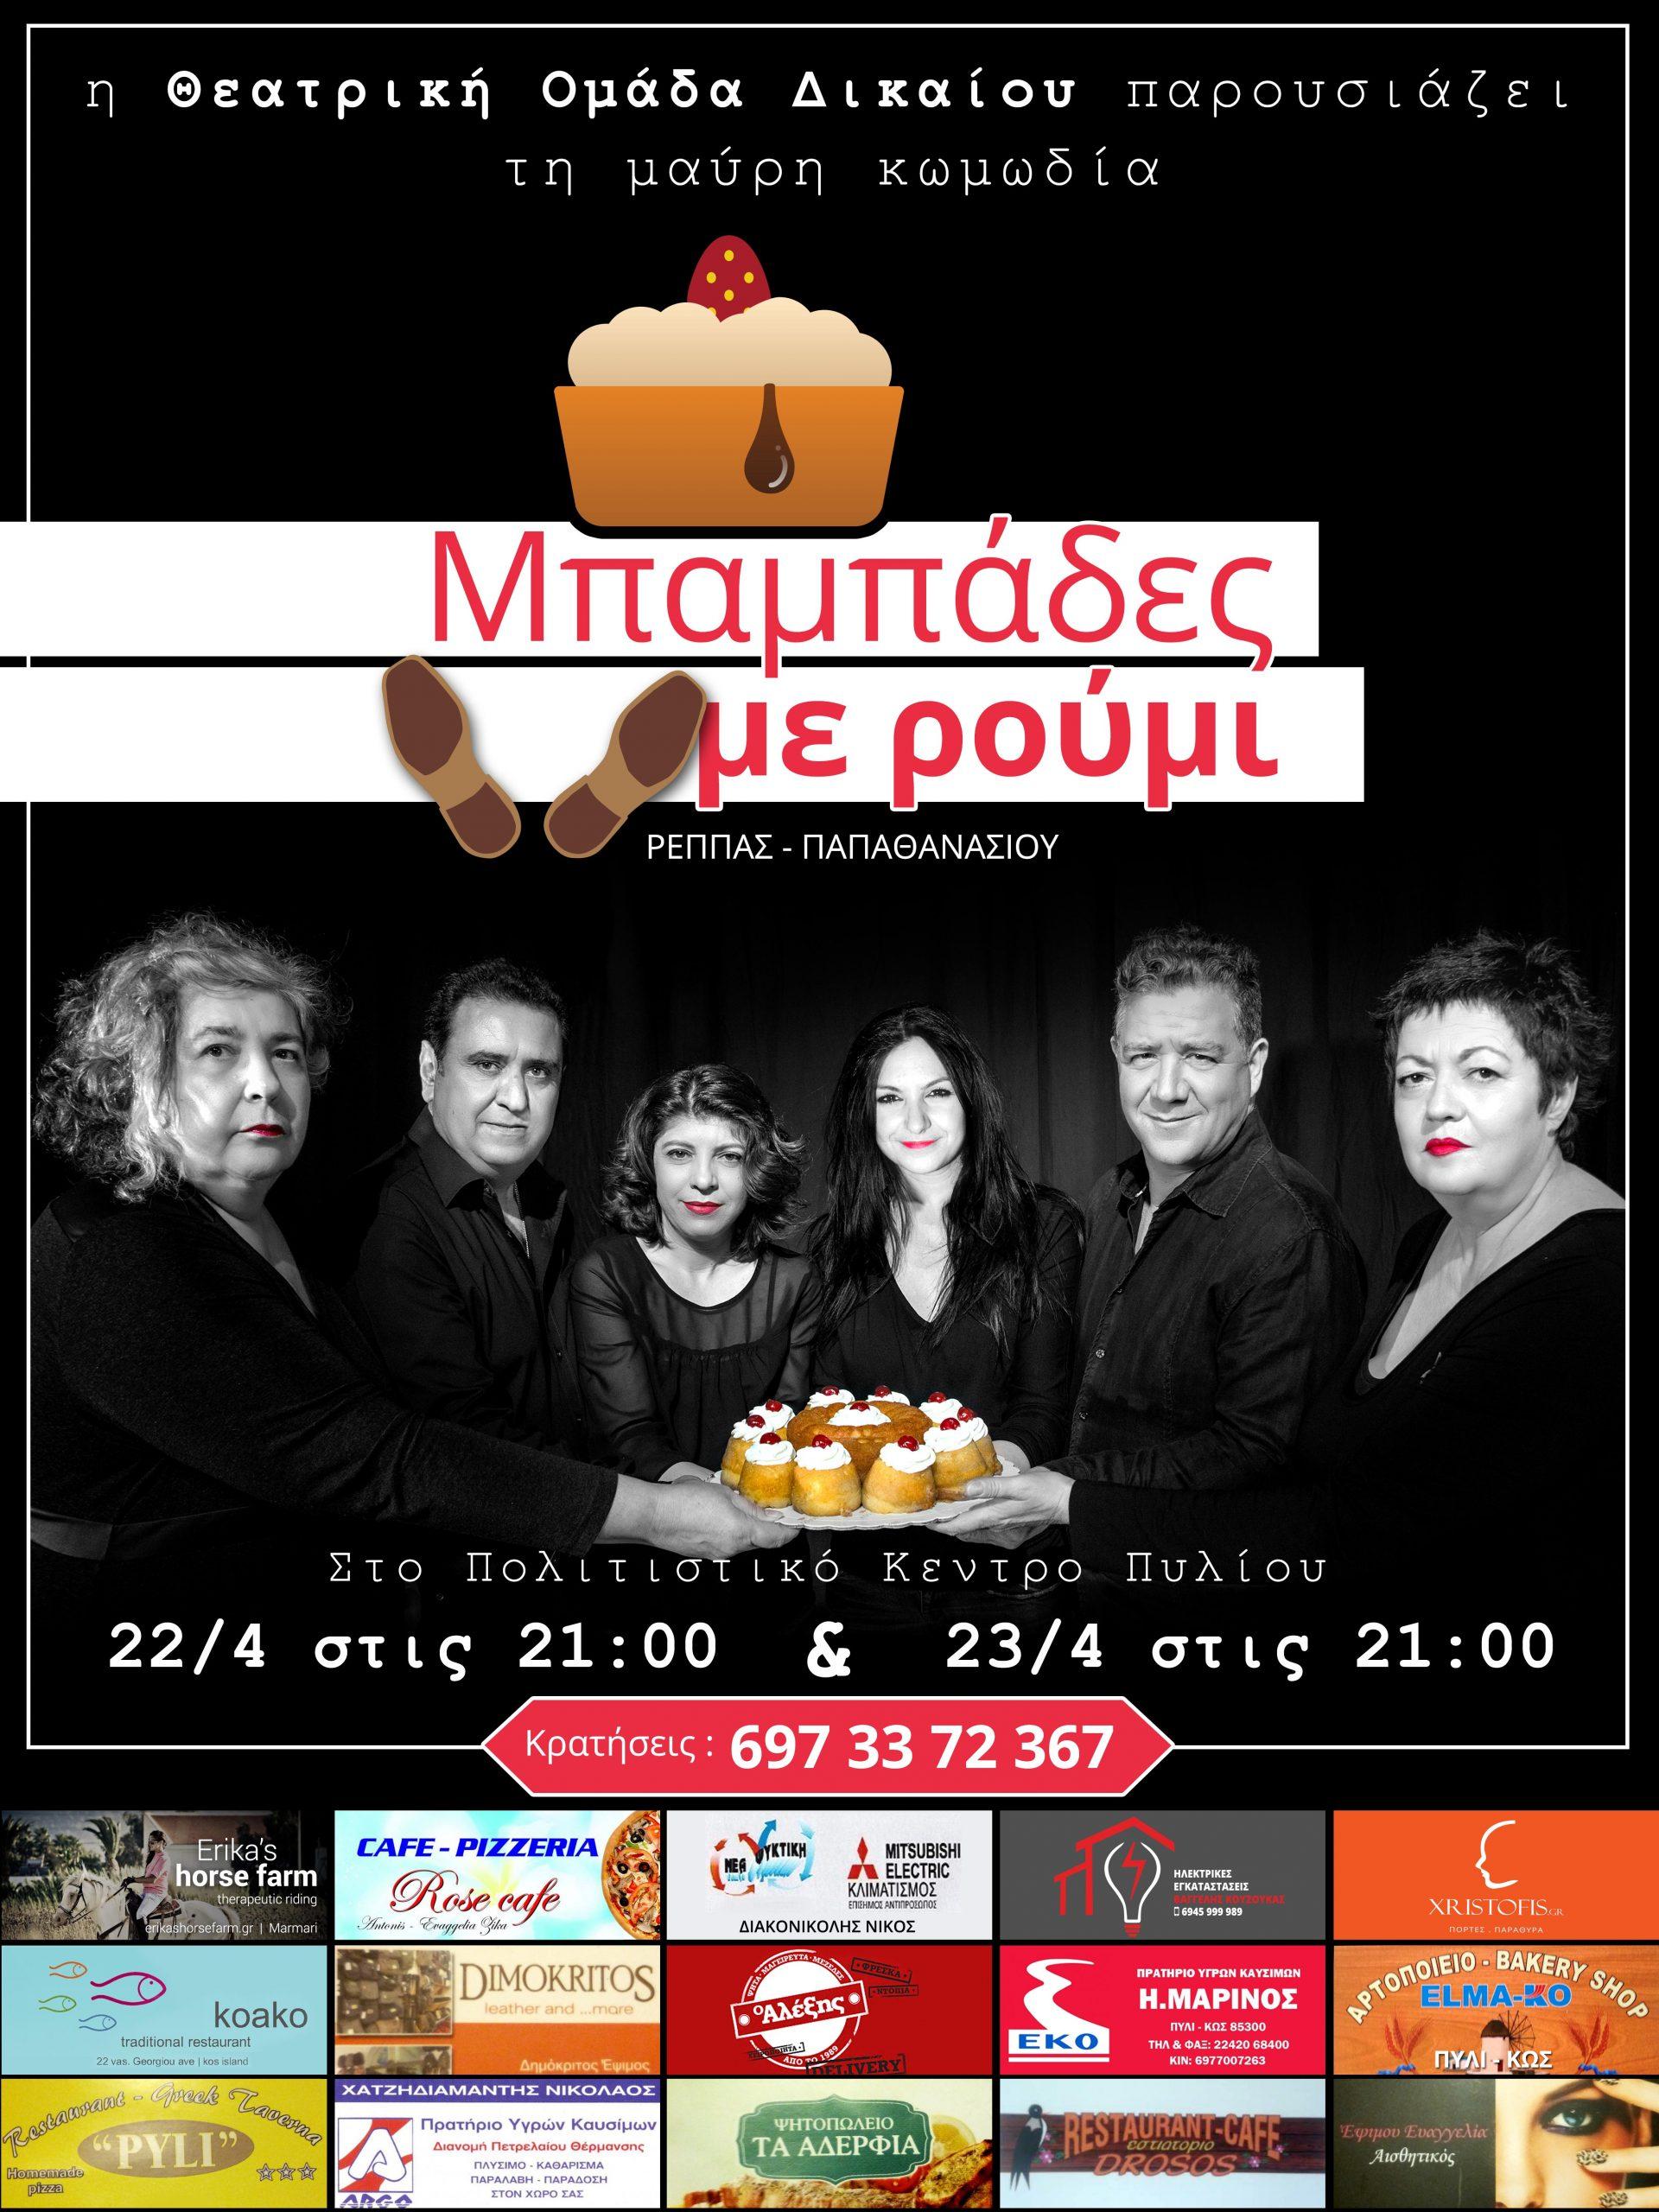 Θεατρική παράσταση ΜΠΑΜΠΑΔΕΣ ΜΕ ΡΟΥΜΙ 22-23-4-2016